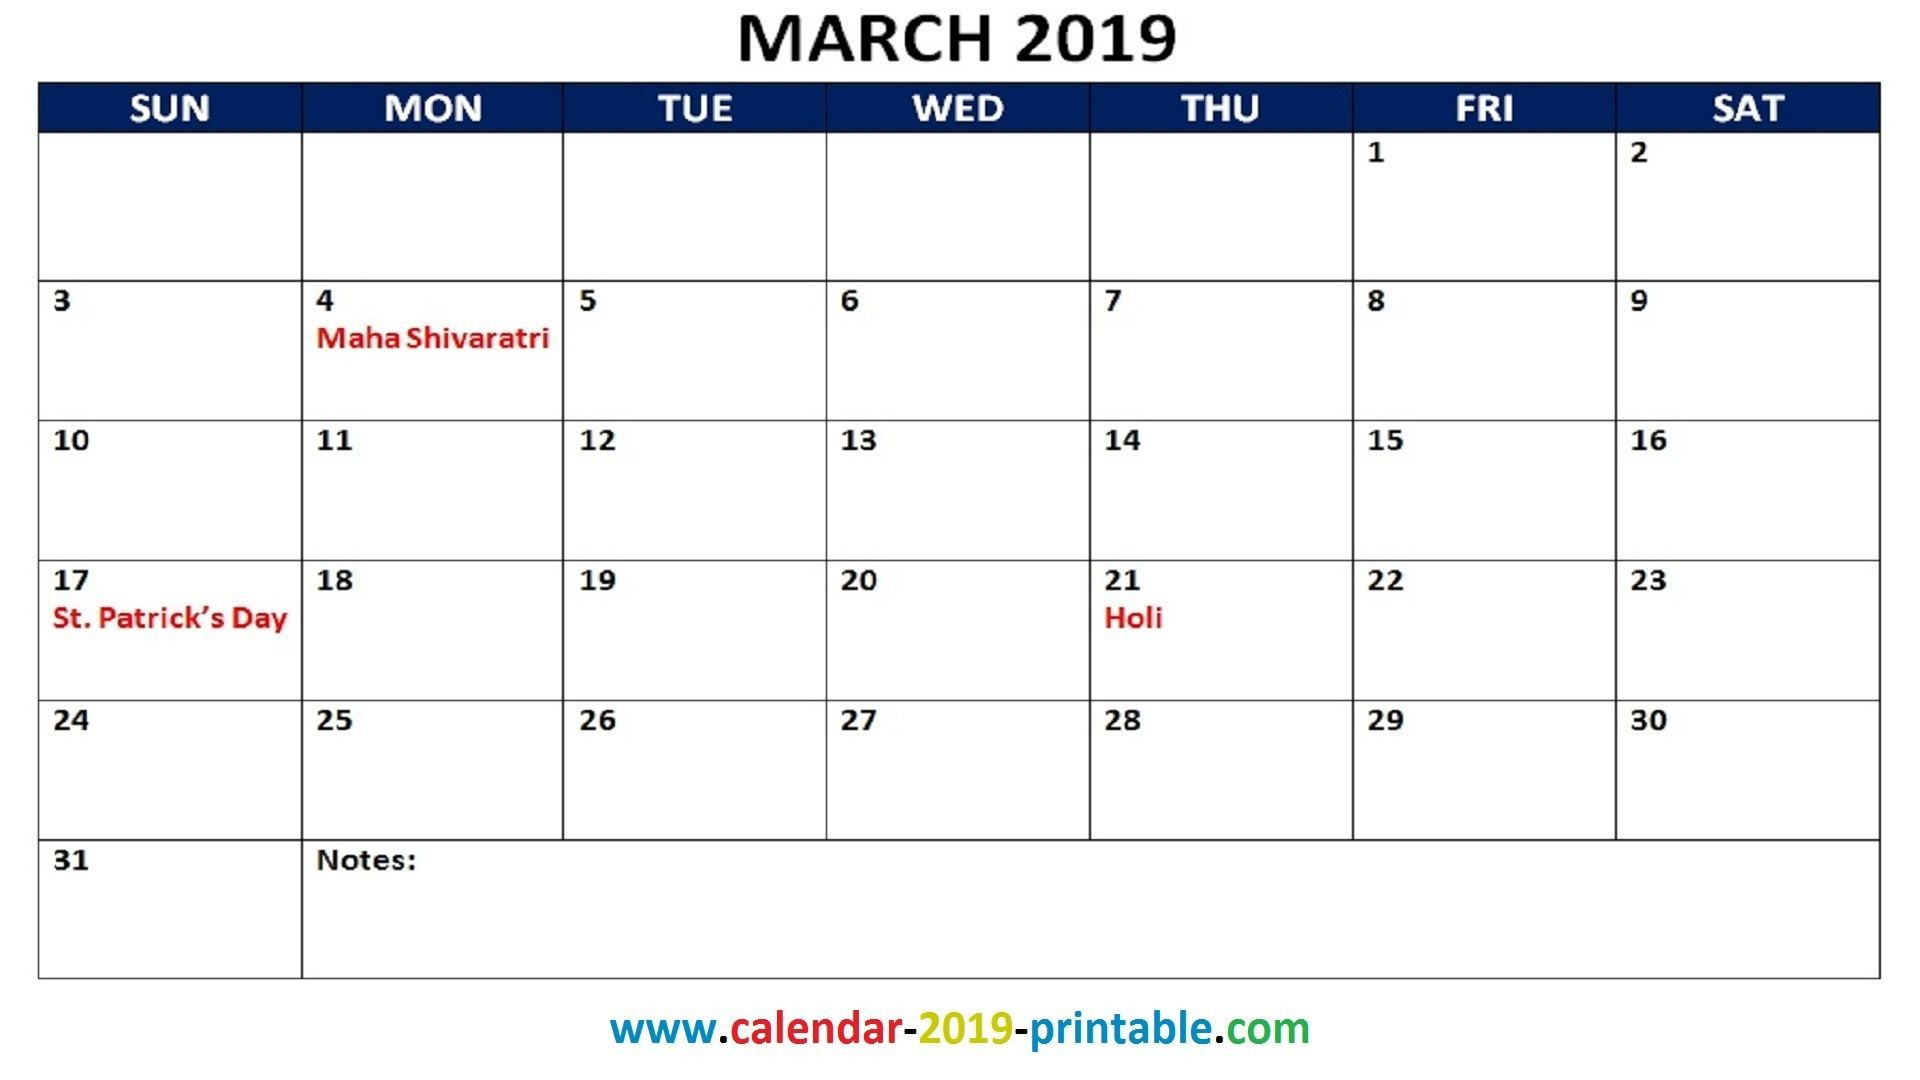 March Holiday Calendar 2019 Mejores Y Más Novedosos March 2019 Calendar Printable with Holidays Of March Holiday Calendar 2019 Más Caliente Printable March 2019 Calendar Template Holidays Yes Calendars